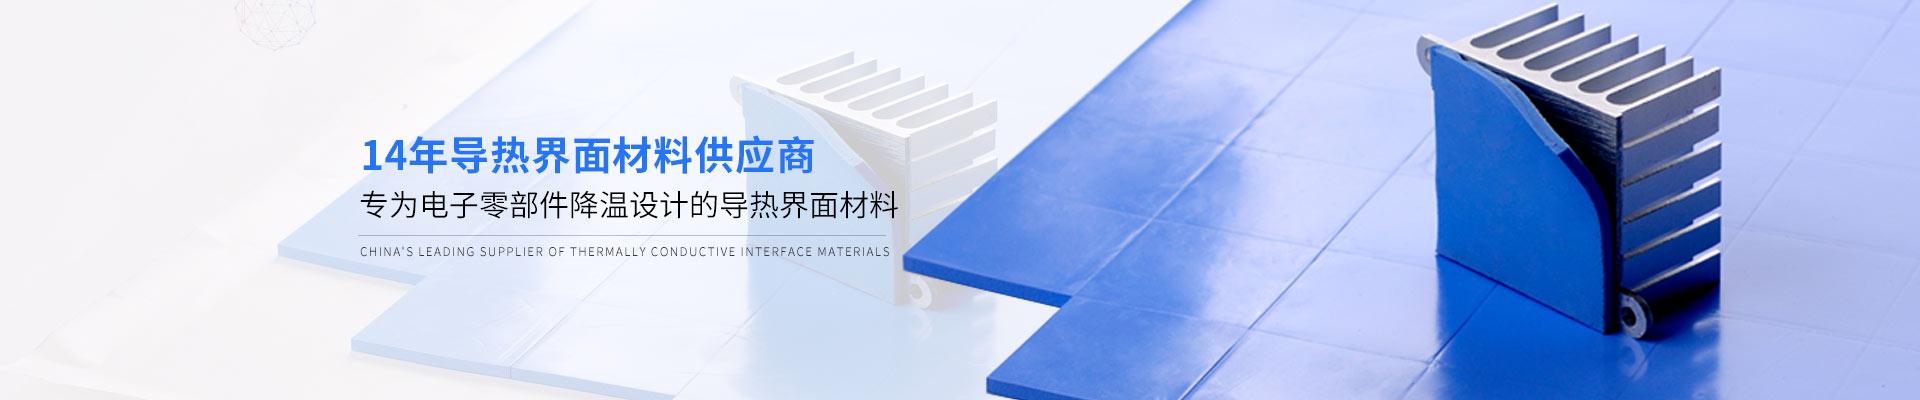 傲川-14年专注导热材料供应商